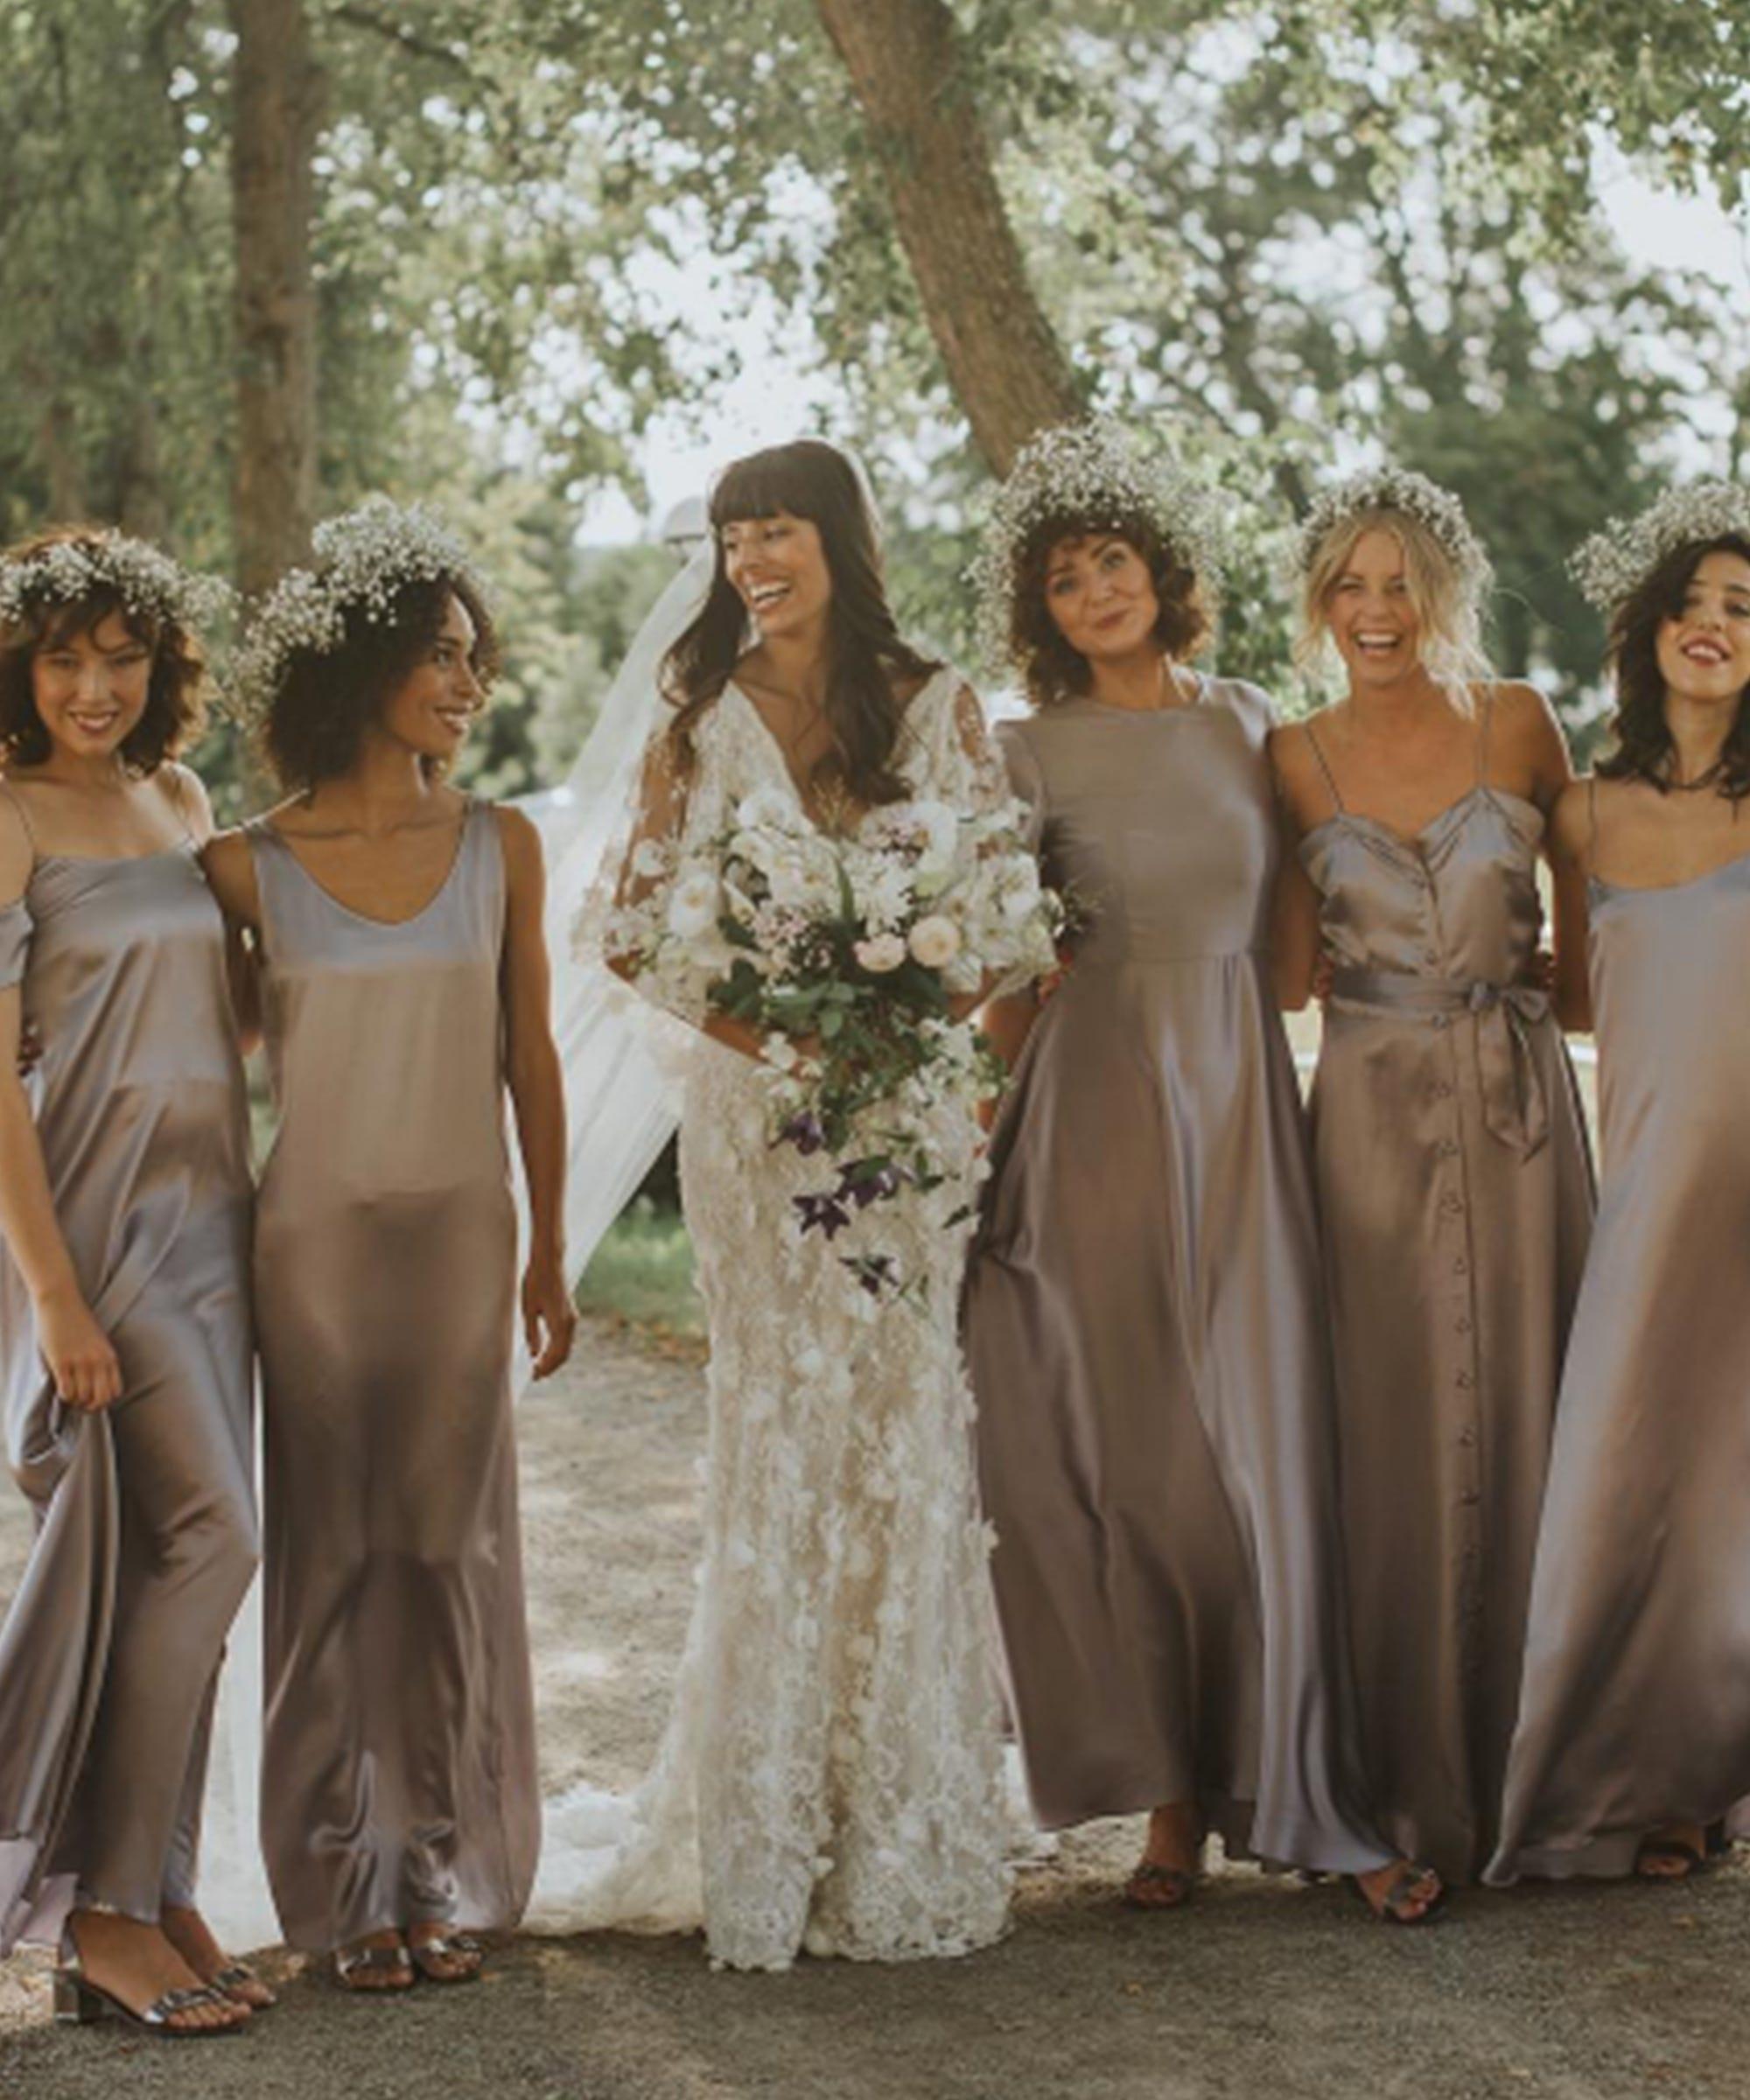 f46770d04d75 Best Bridal Party Ideas, Bridesmaid Dress Pictures